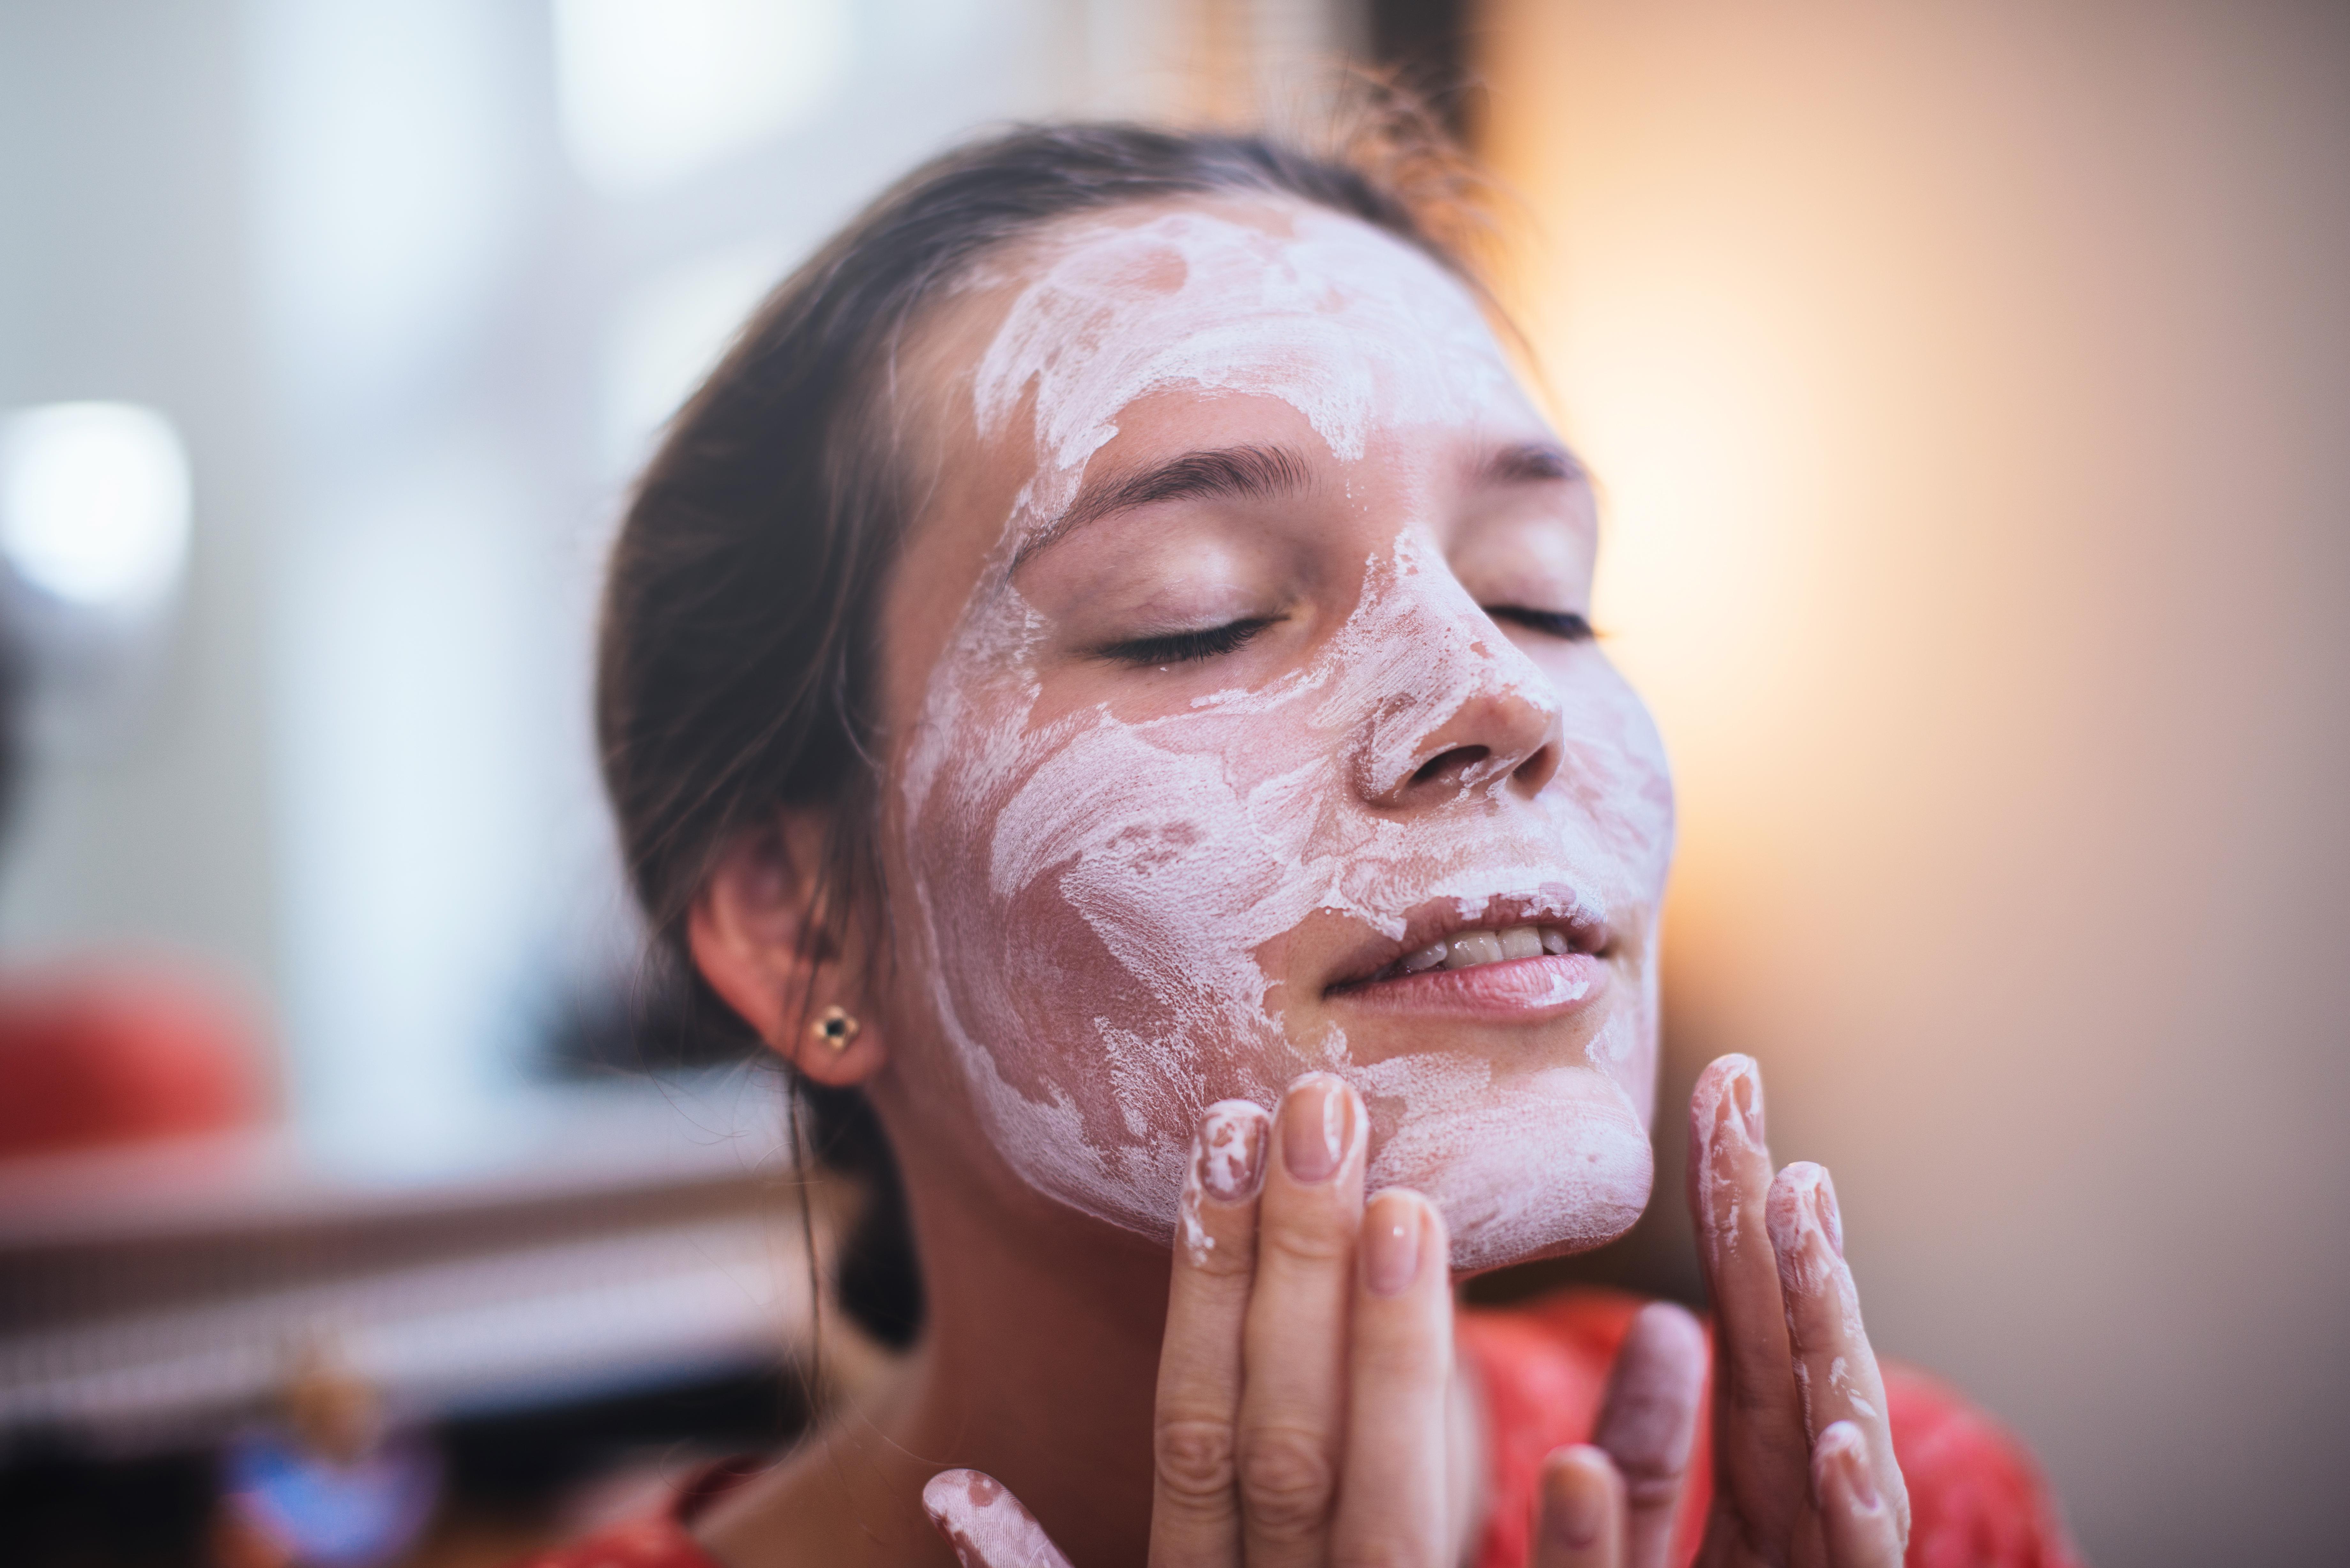 Woman using a beauty mask.